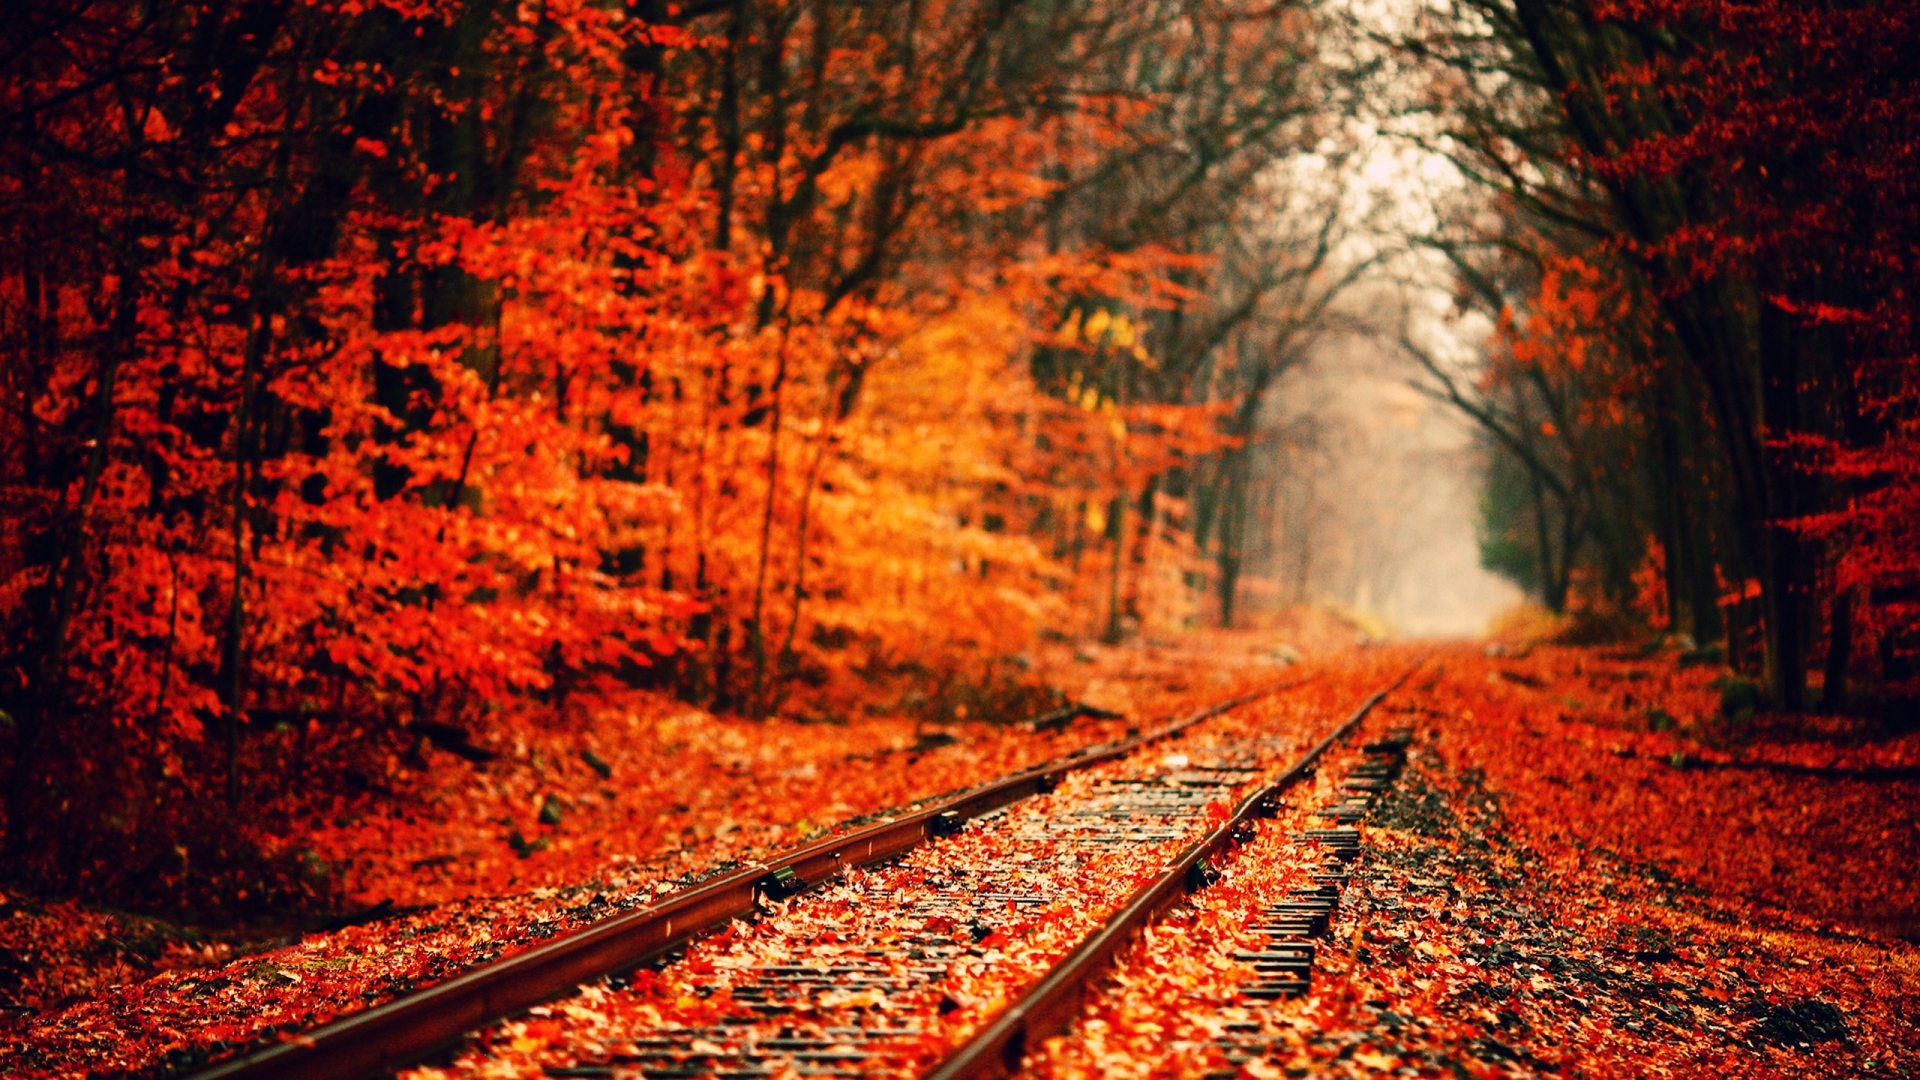 autumn desktop wallpaper 1920x1080